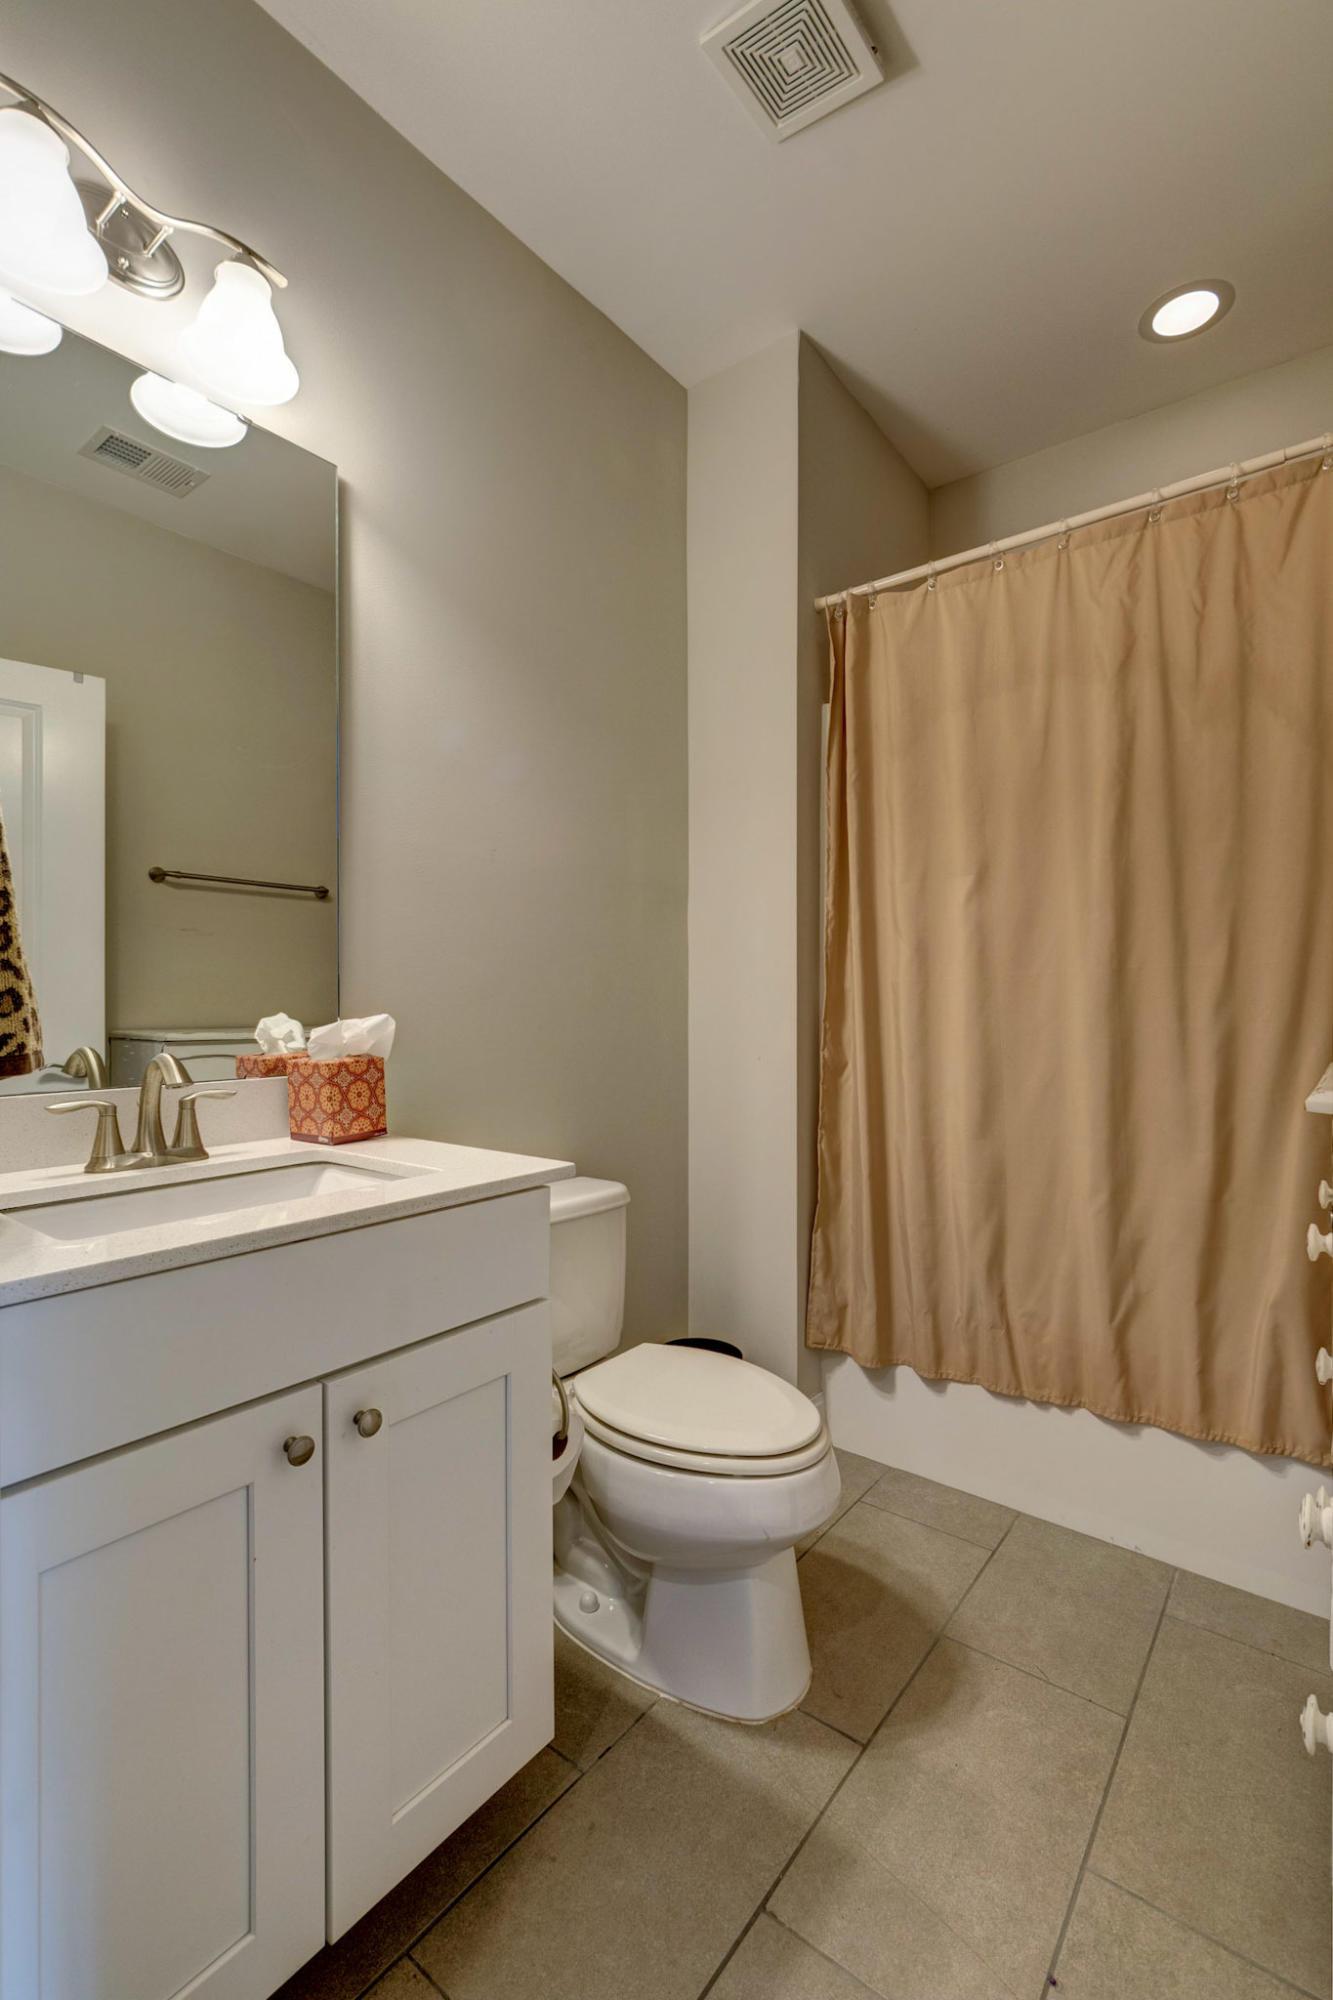 Bowman Park Homes For Sale - 1017 Bowman Woods, Mount Pleasant, SC - 14